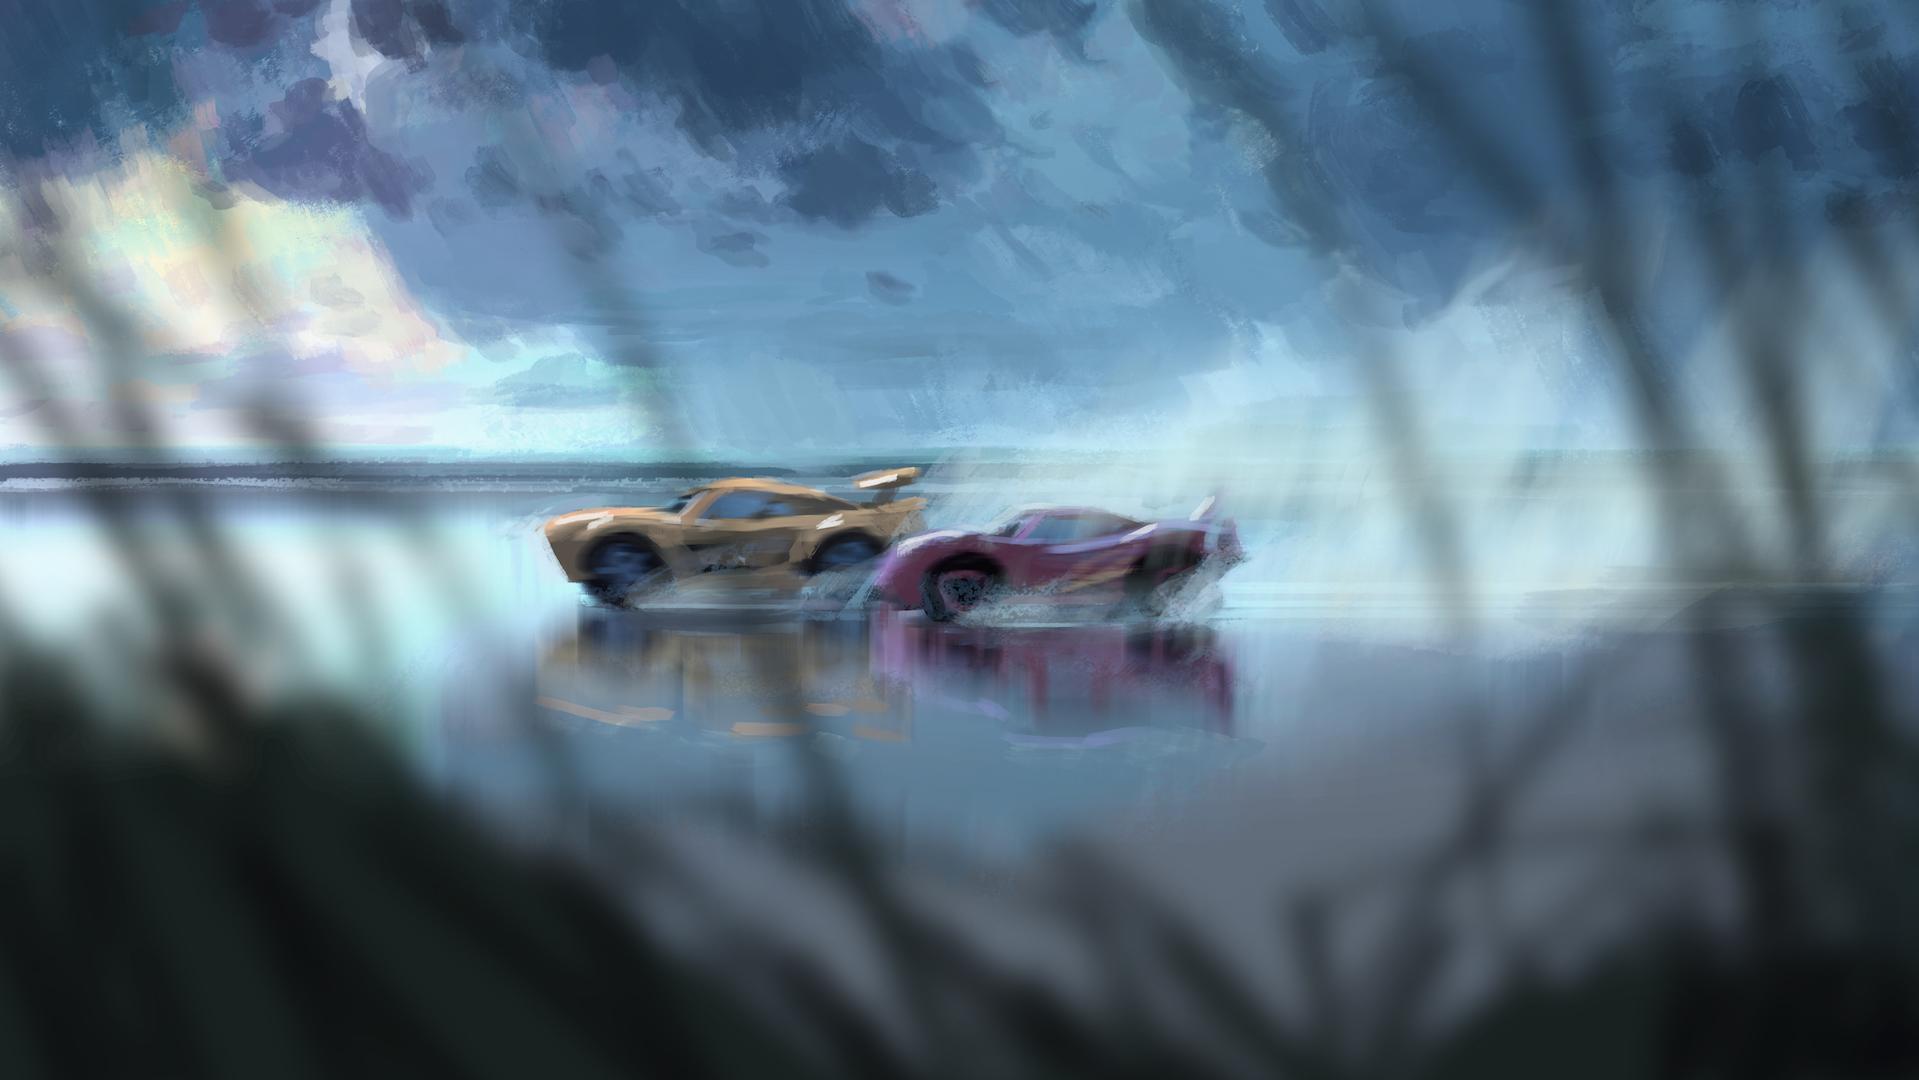 Estas son las primeras imágenes de la película Cars 3